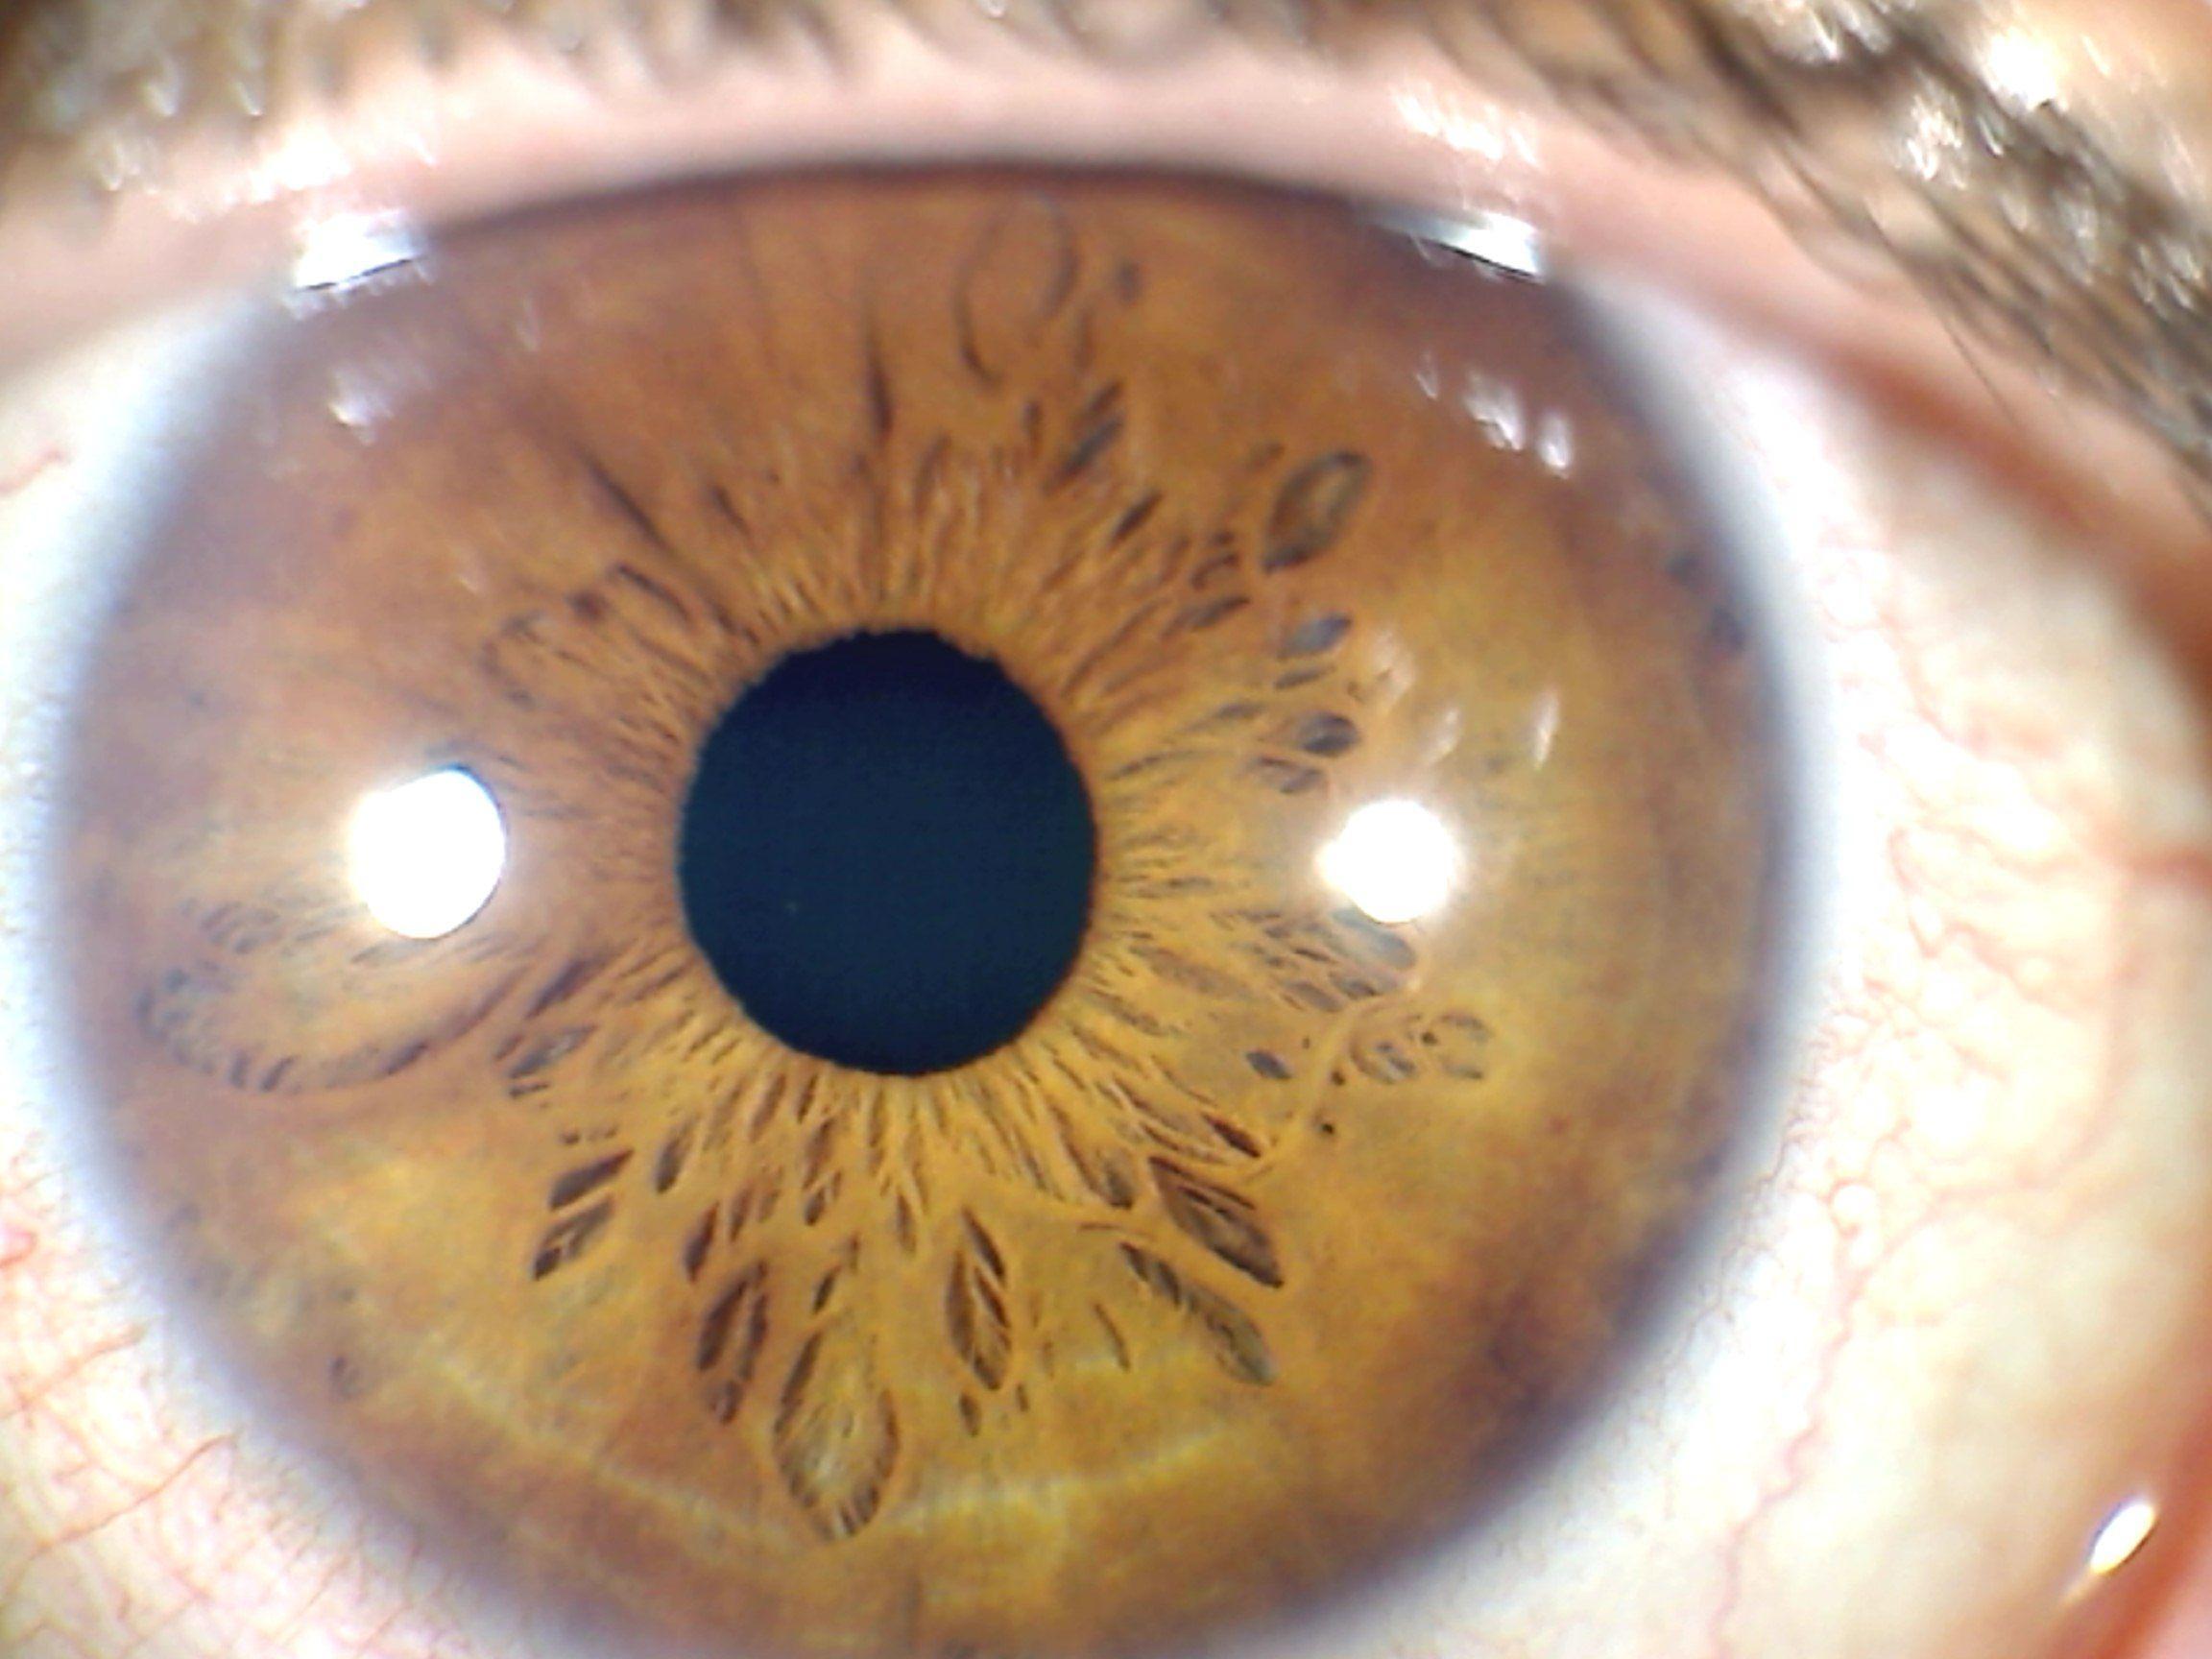 Signos del iris